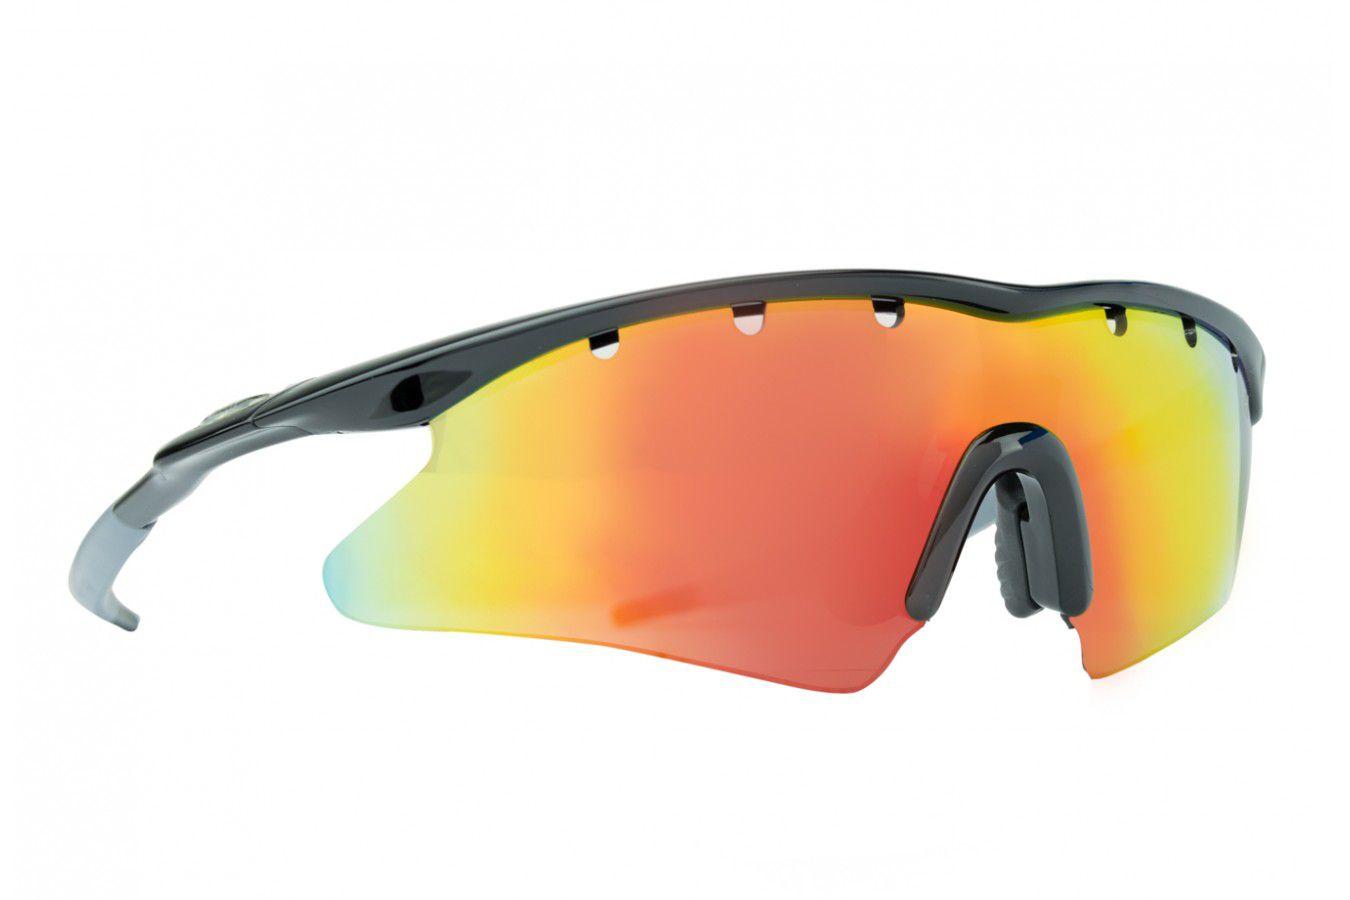 51de38ffb3120 Óculos Ciclismo Esportivo High One Fusion C  3 Lentes - AMA ESPORTE SHOP